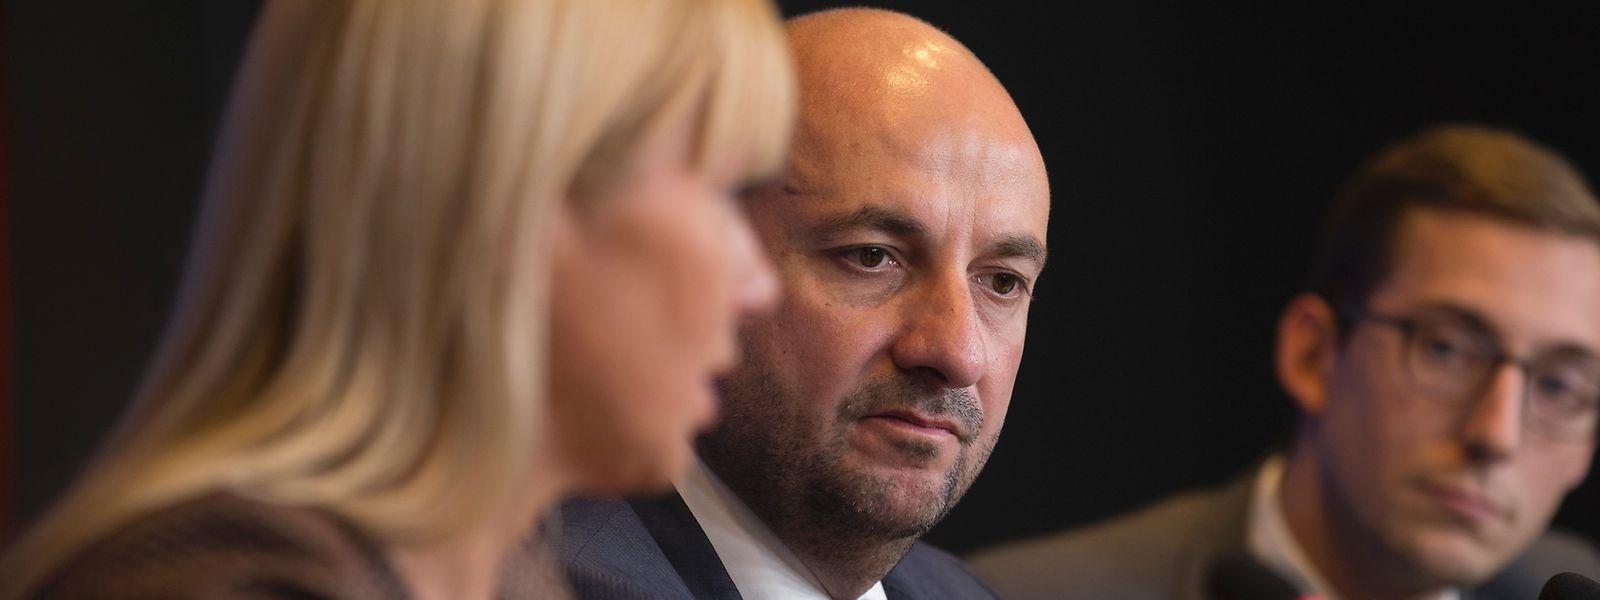 """""""Wir müssen transparent und stark vorgehen"""", so EU-Kommissarin Elzbieta Bienkowska im Beisein von Wirtschaftsminister Etienne Schneider."""